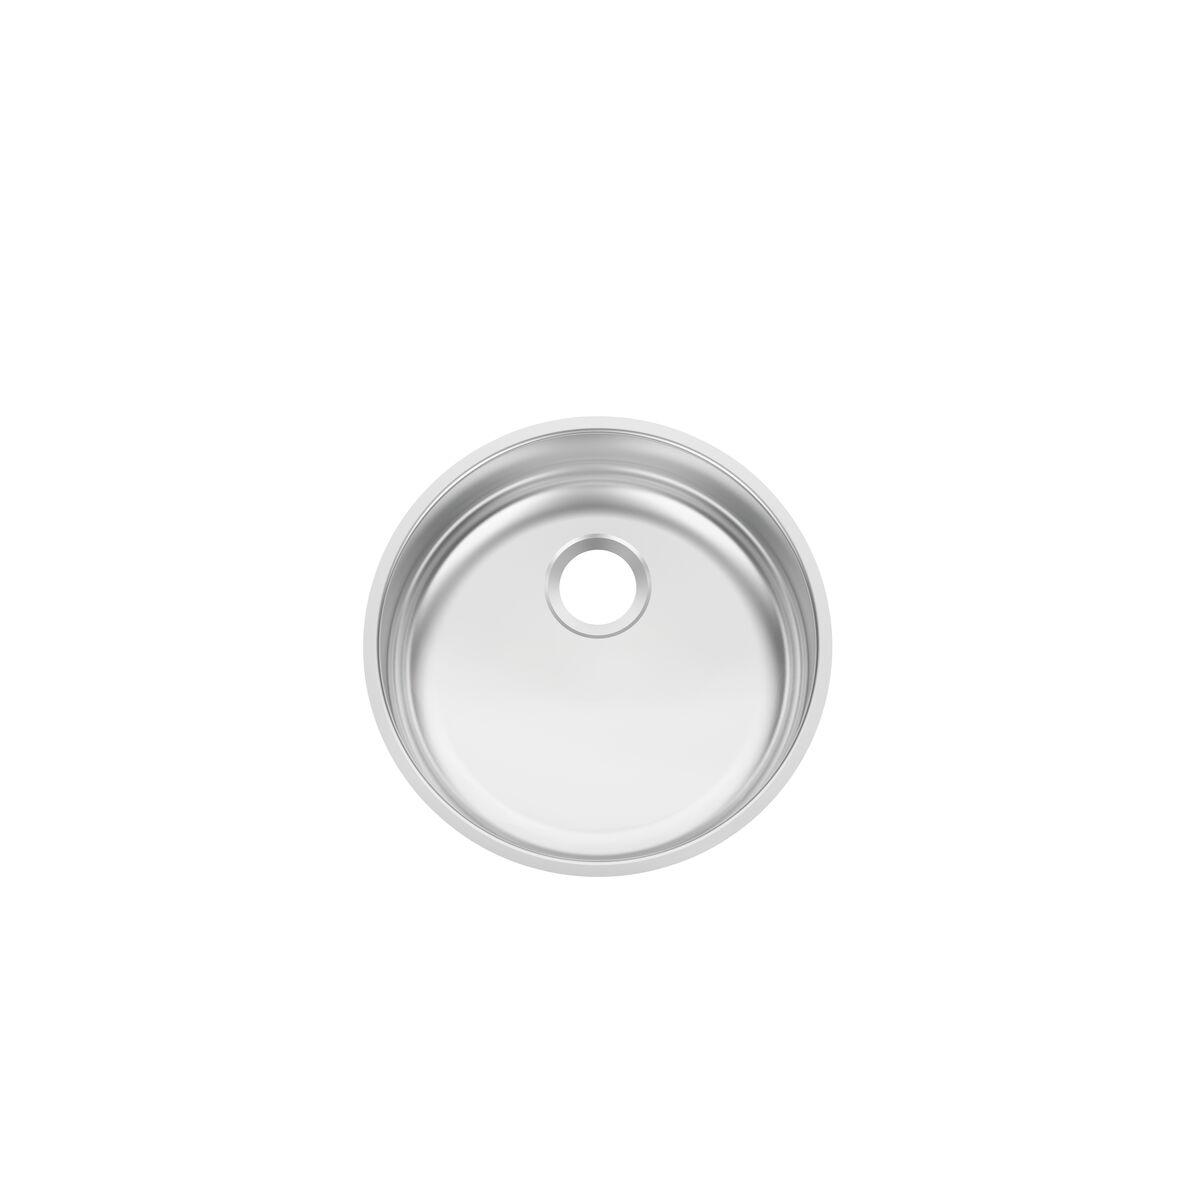 Tramontina cubeta en acero inoxidable pulido 38 cm for Cubetas de acero inoxidable